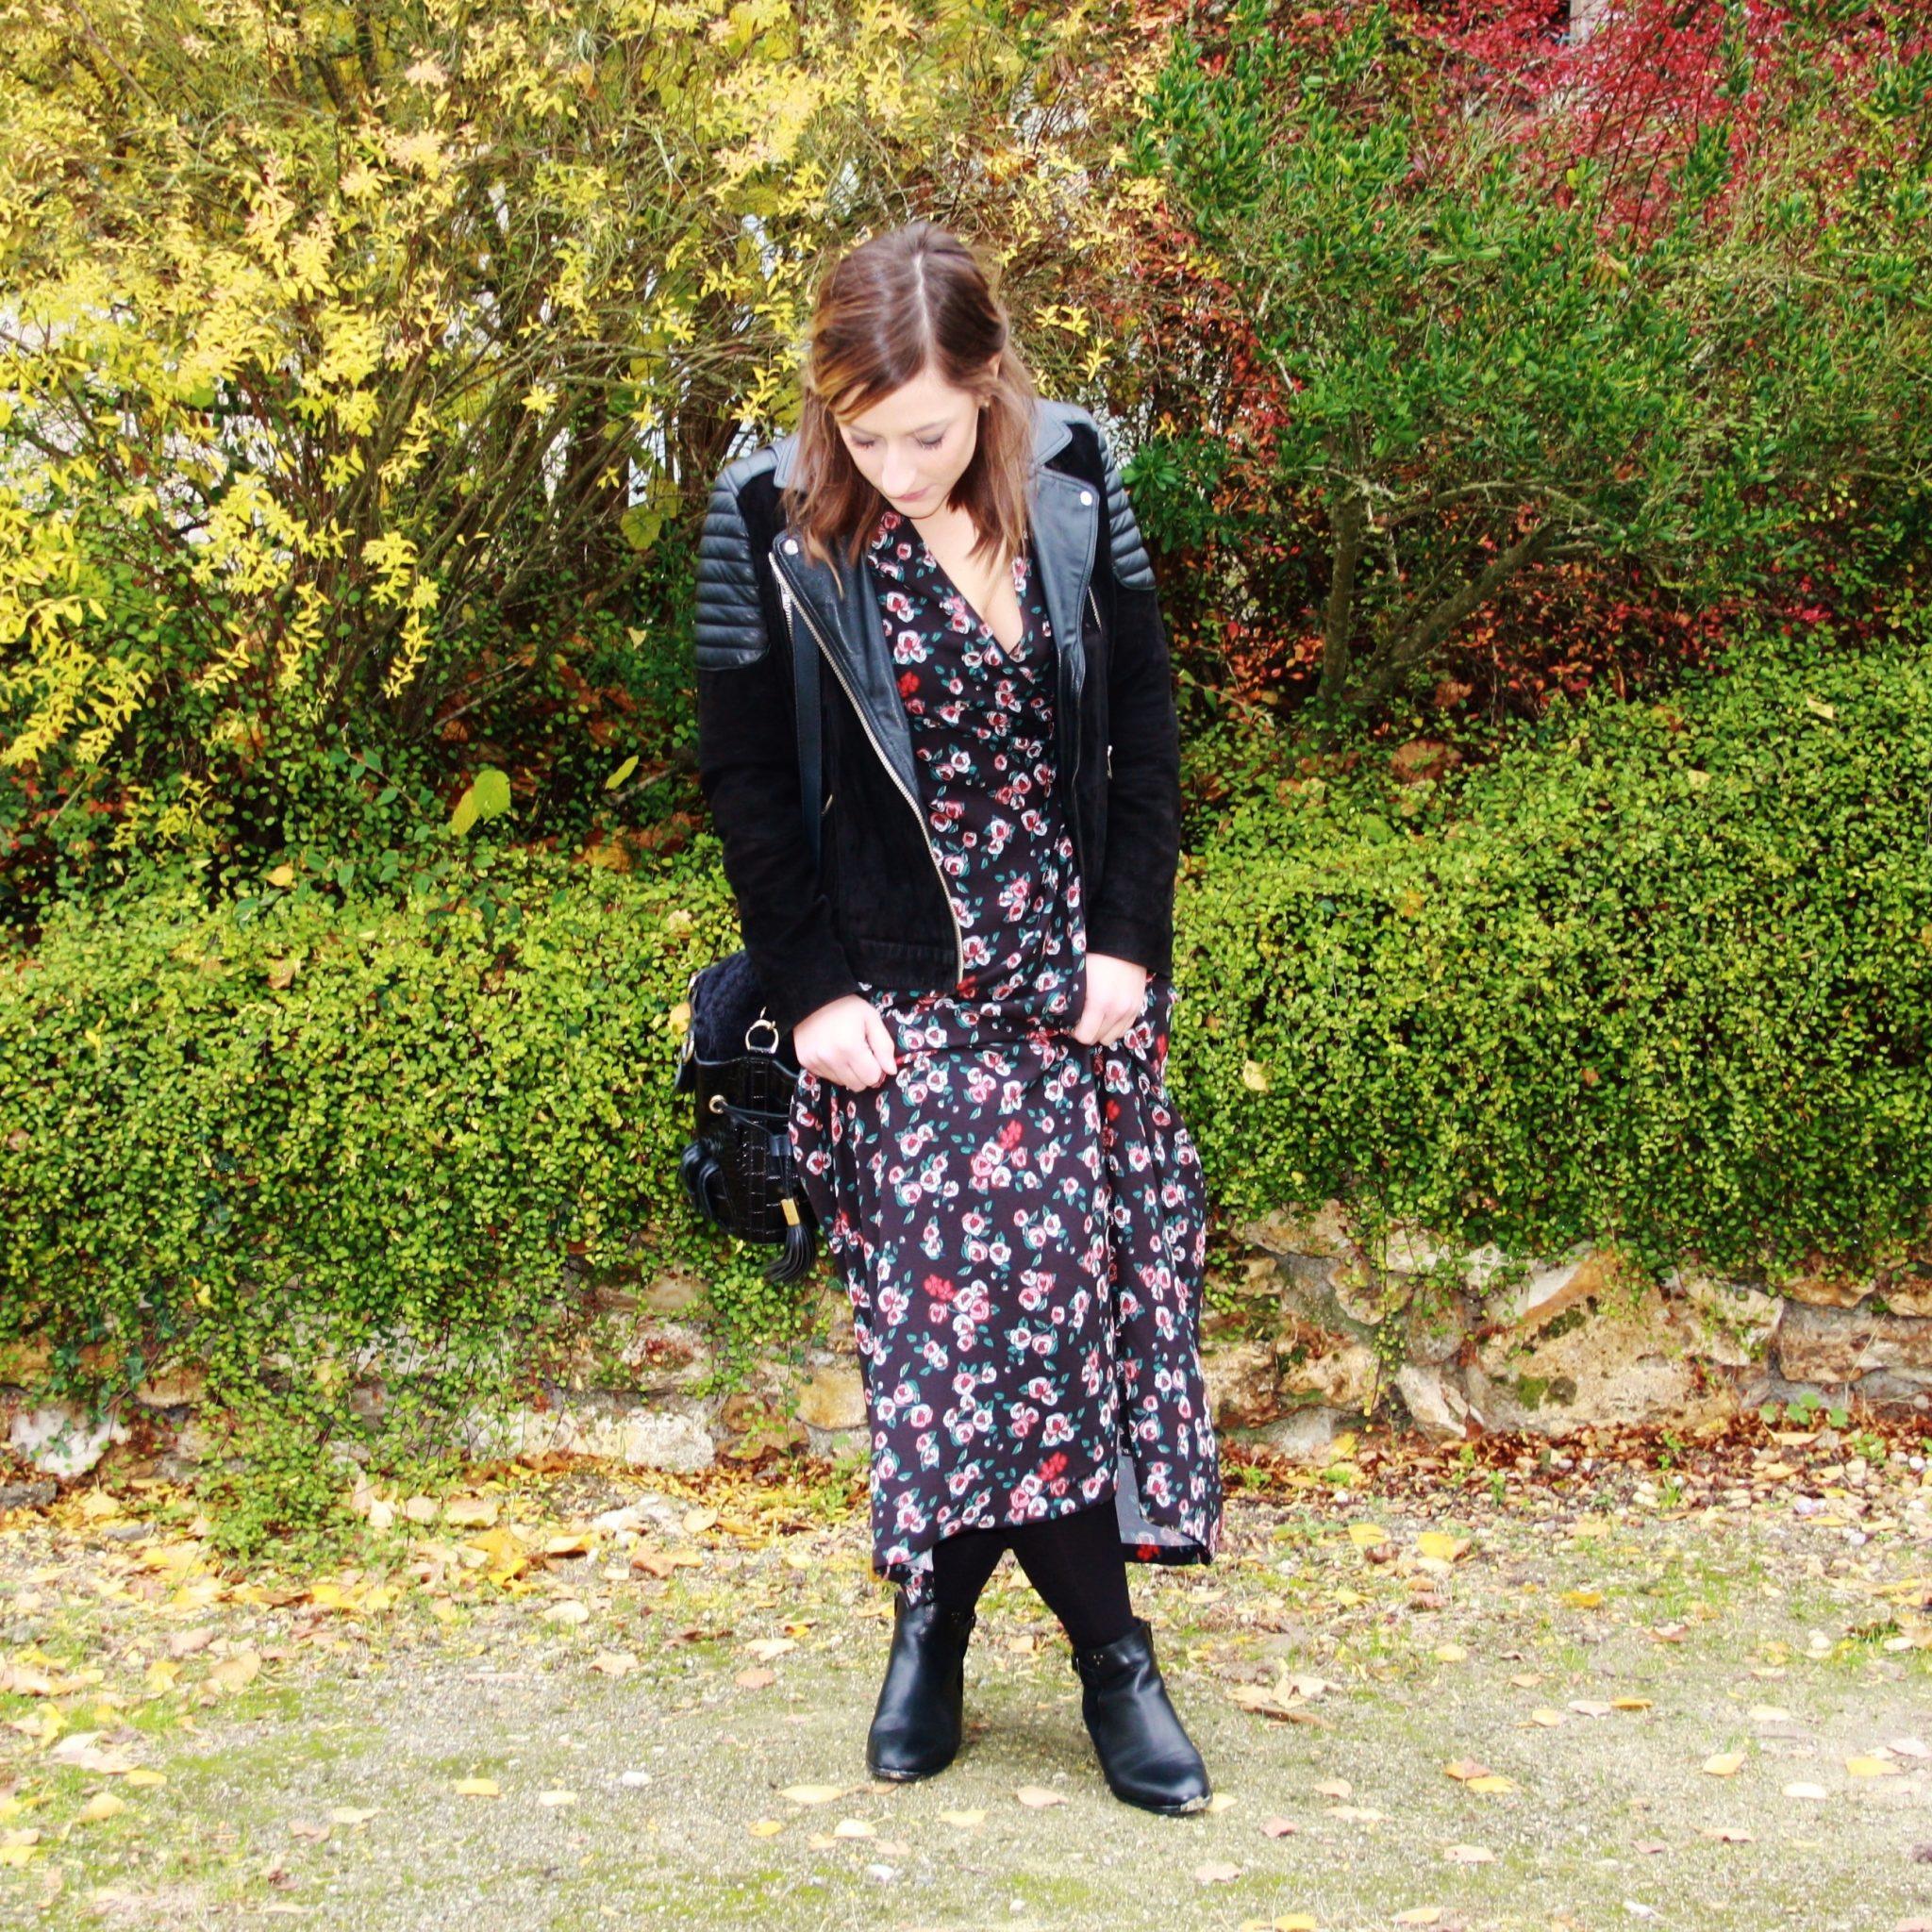 7880df2bae61 huguette-paillettes-couture-robe-aniline-2 - Huguette Paillettes ...